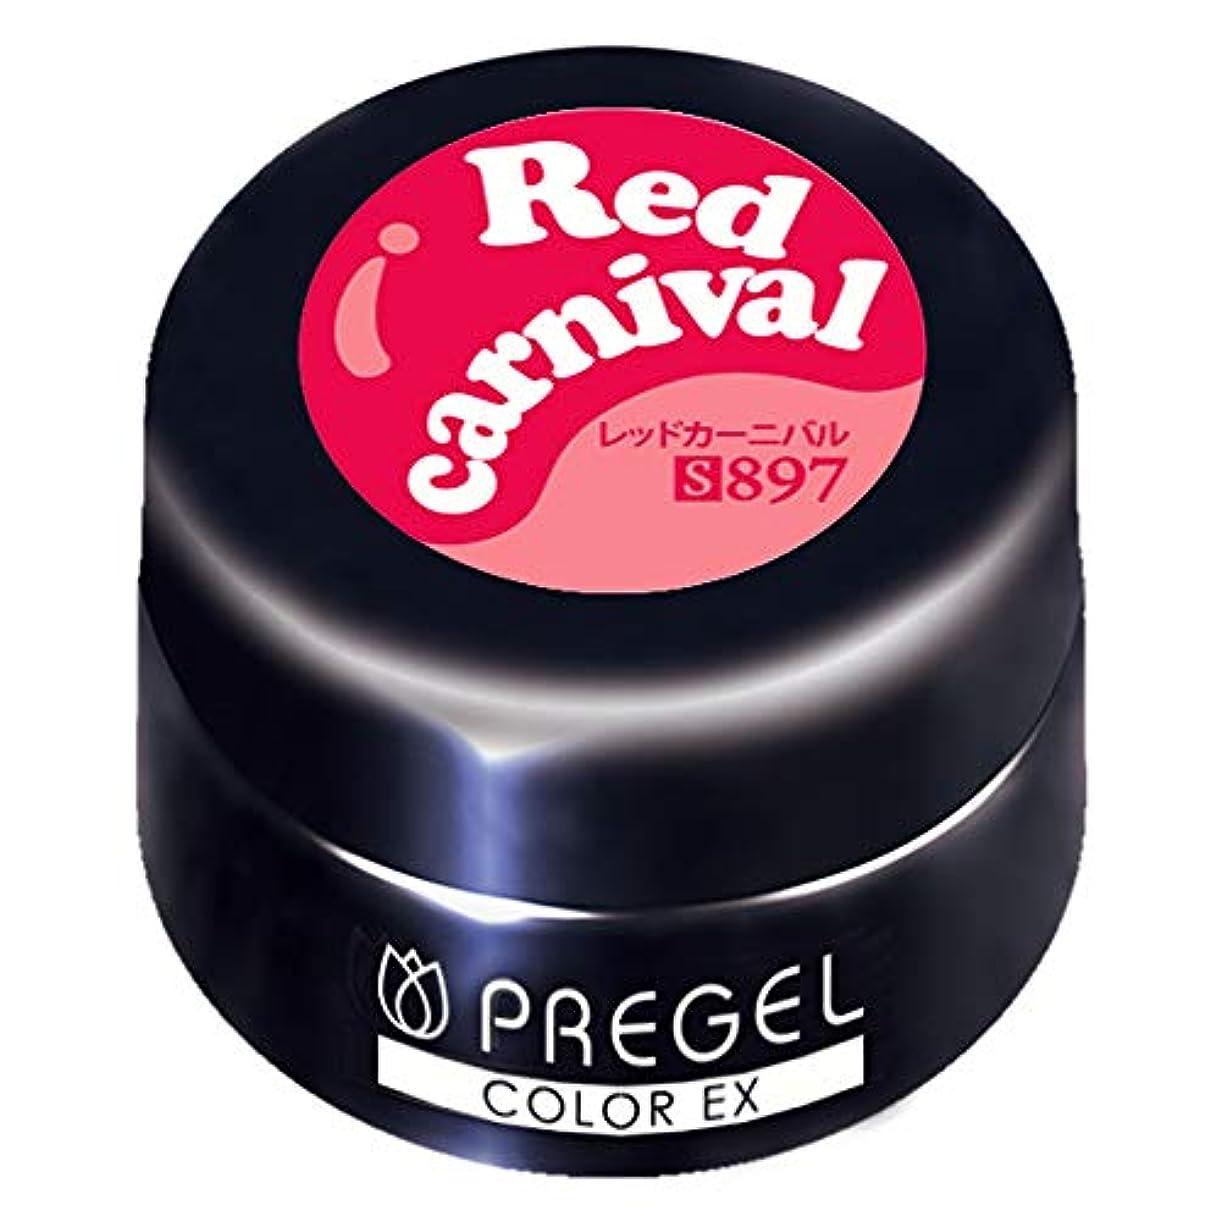 エール真実急ぐPRE GEL カラーEX レッドカーニバル 3g PG-CE897